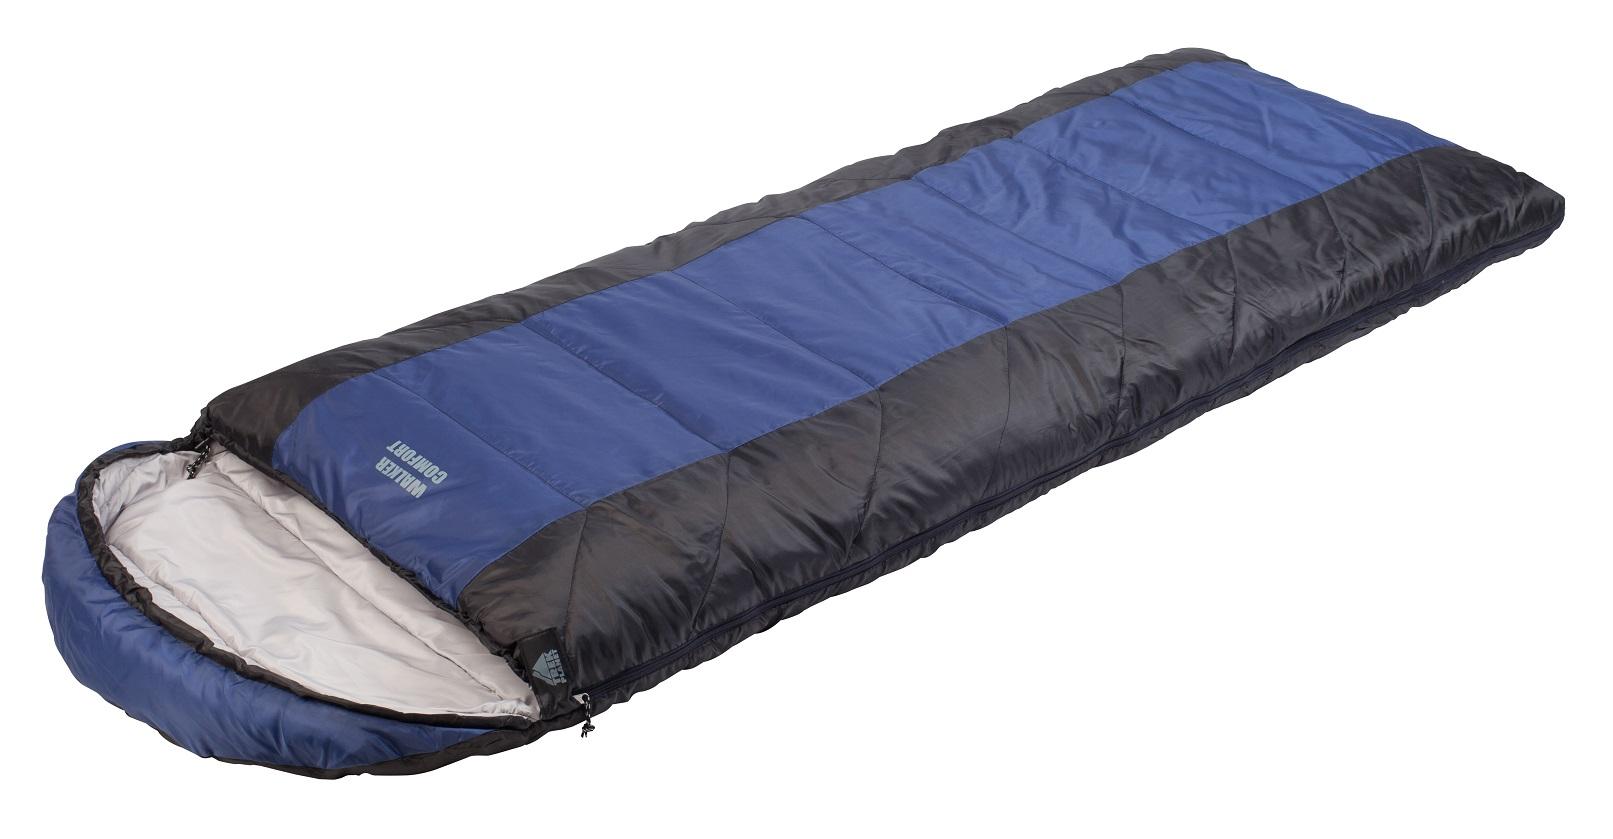 Спальник TREK PLANET Walker Comfort, левосторонняя молния, цвет: темно-серый, синий67744Комфортный, просторный и теплый спальник-одеяло с капюшоном TREK PLANET Walker Comfort предназначен для походов и для отдыха на природе как в летнее время, так и в весенне-осенний период. Утеплен двумя слоями техничного 4-канального волокна Hollow Fiber. Внутренняя ткань: мягкий полиэстер (Pongee).Данная модель имеет возможность состегивания спальников между собой.Для этого вам необходимо приобрести спальник с правой и с левой молнией. Особенности:Глубокий удобный капюшон,4-канальный наполнитель Hollow Fiber,Внешний материал: полиэстер,Внутренняя ткань: мягкий полиэстер (Pongee),Молния имеет два замка с обеих сторон,Термоклапан вдоль молнии,Внутренний карман,Возможно состегивание спальников между собой,К спальнику прилагается чехол для удобного хранения и переноски.